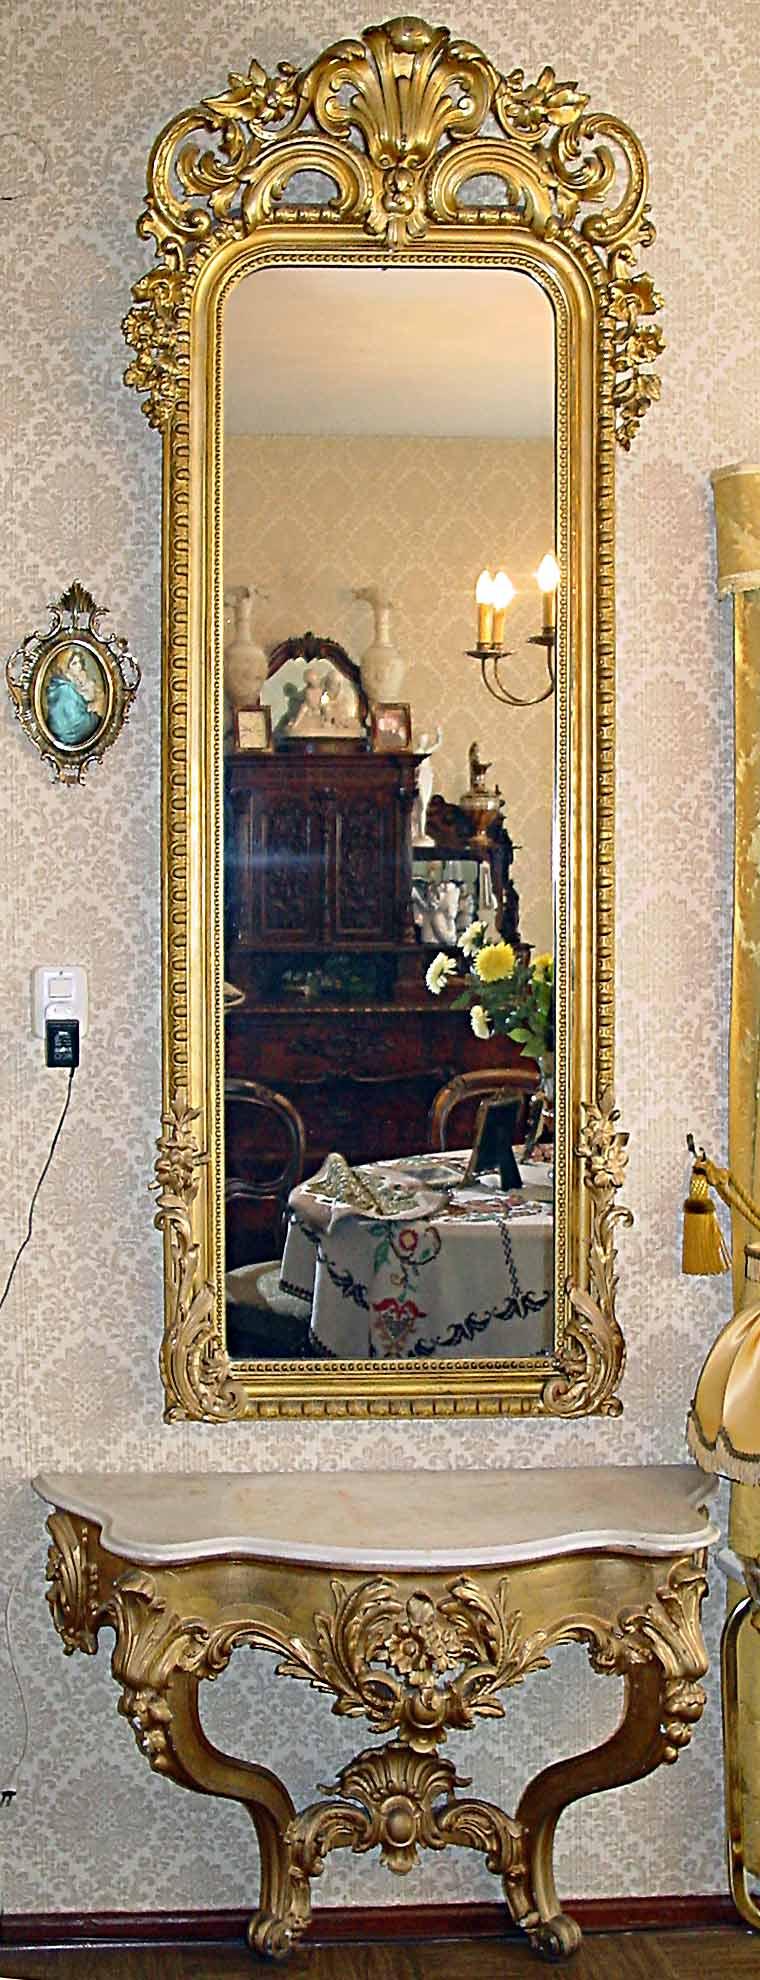 theodor eichberger 1835 1917 bildhauer spiegel und konsole. Black Bedroom Furniture Sets. Home Design Ideas